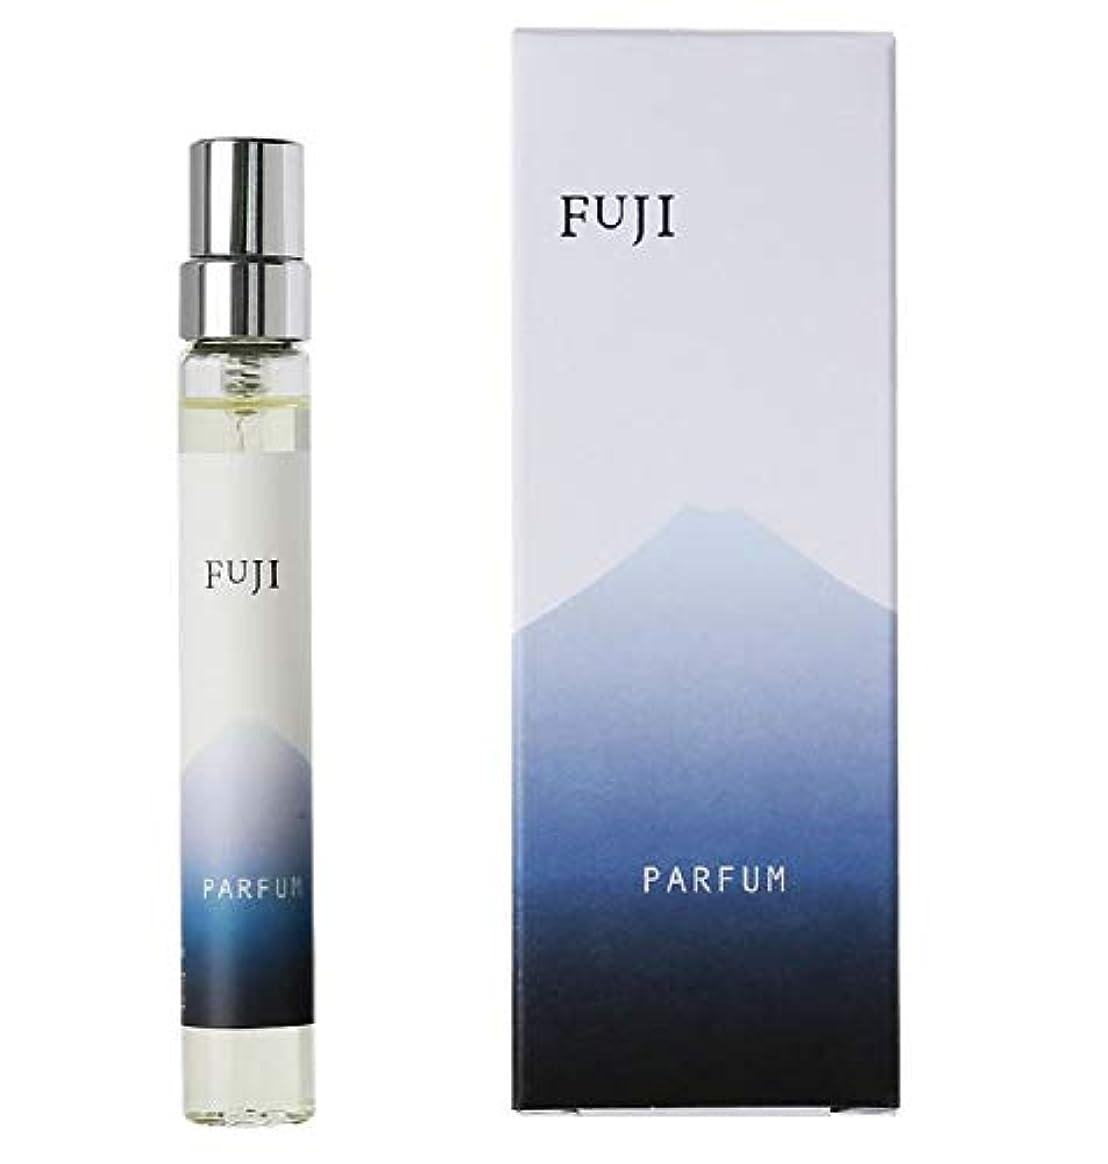 獣医薬品買うパルファム フジ parfum fuji 最高級 パルファン 1ダースセット(12本) 限定割引 & 送料無料 富士山 香水 海外みやげ